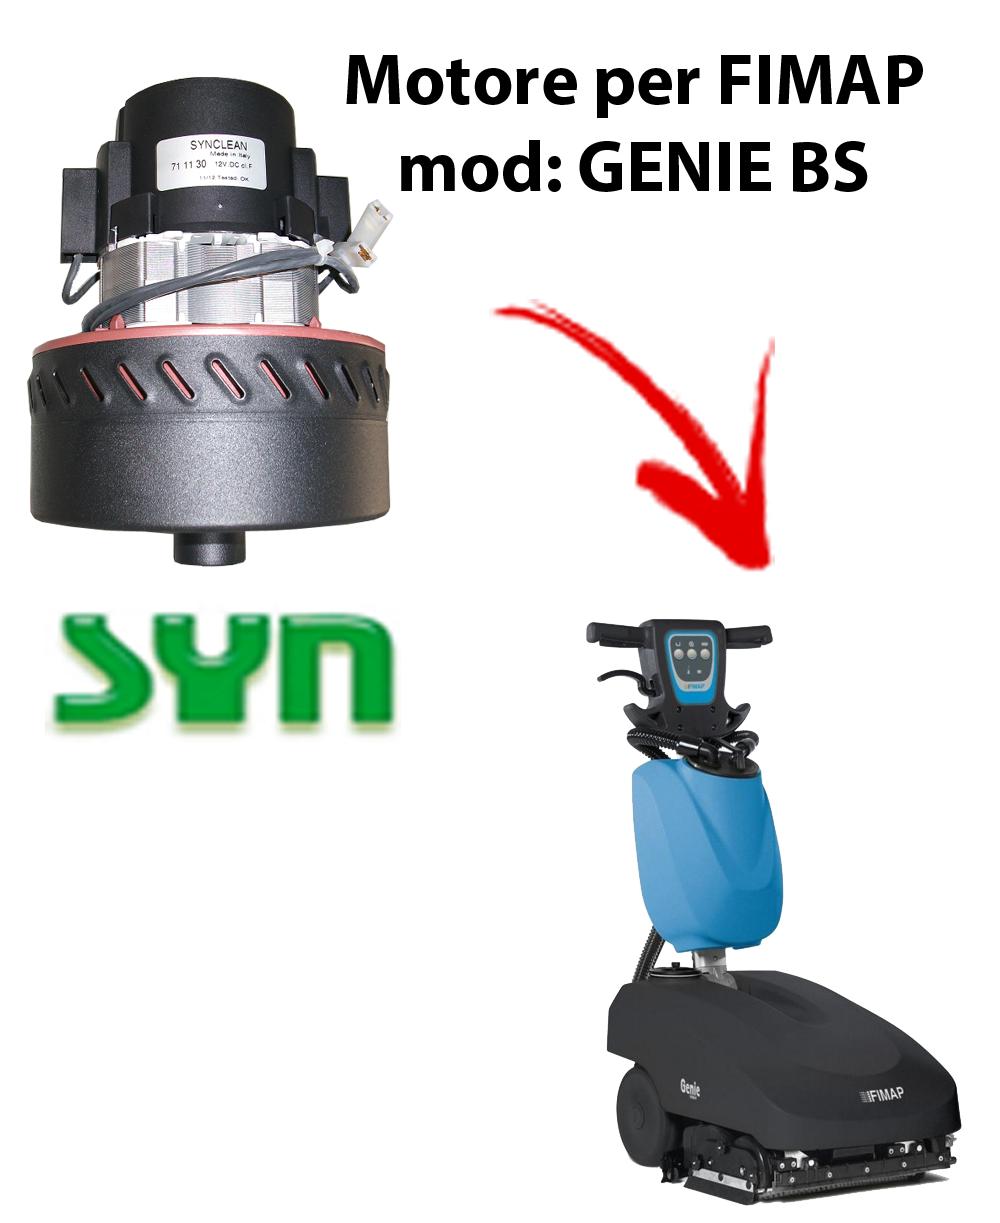 GENIE BS MOTEUR ASPIRATION SYN pour autolaveuses Fimap